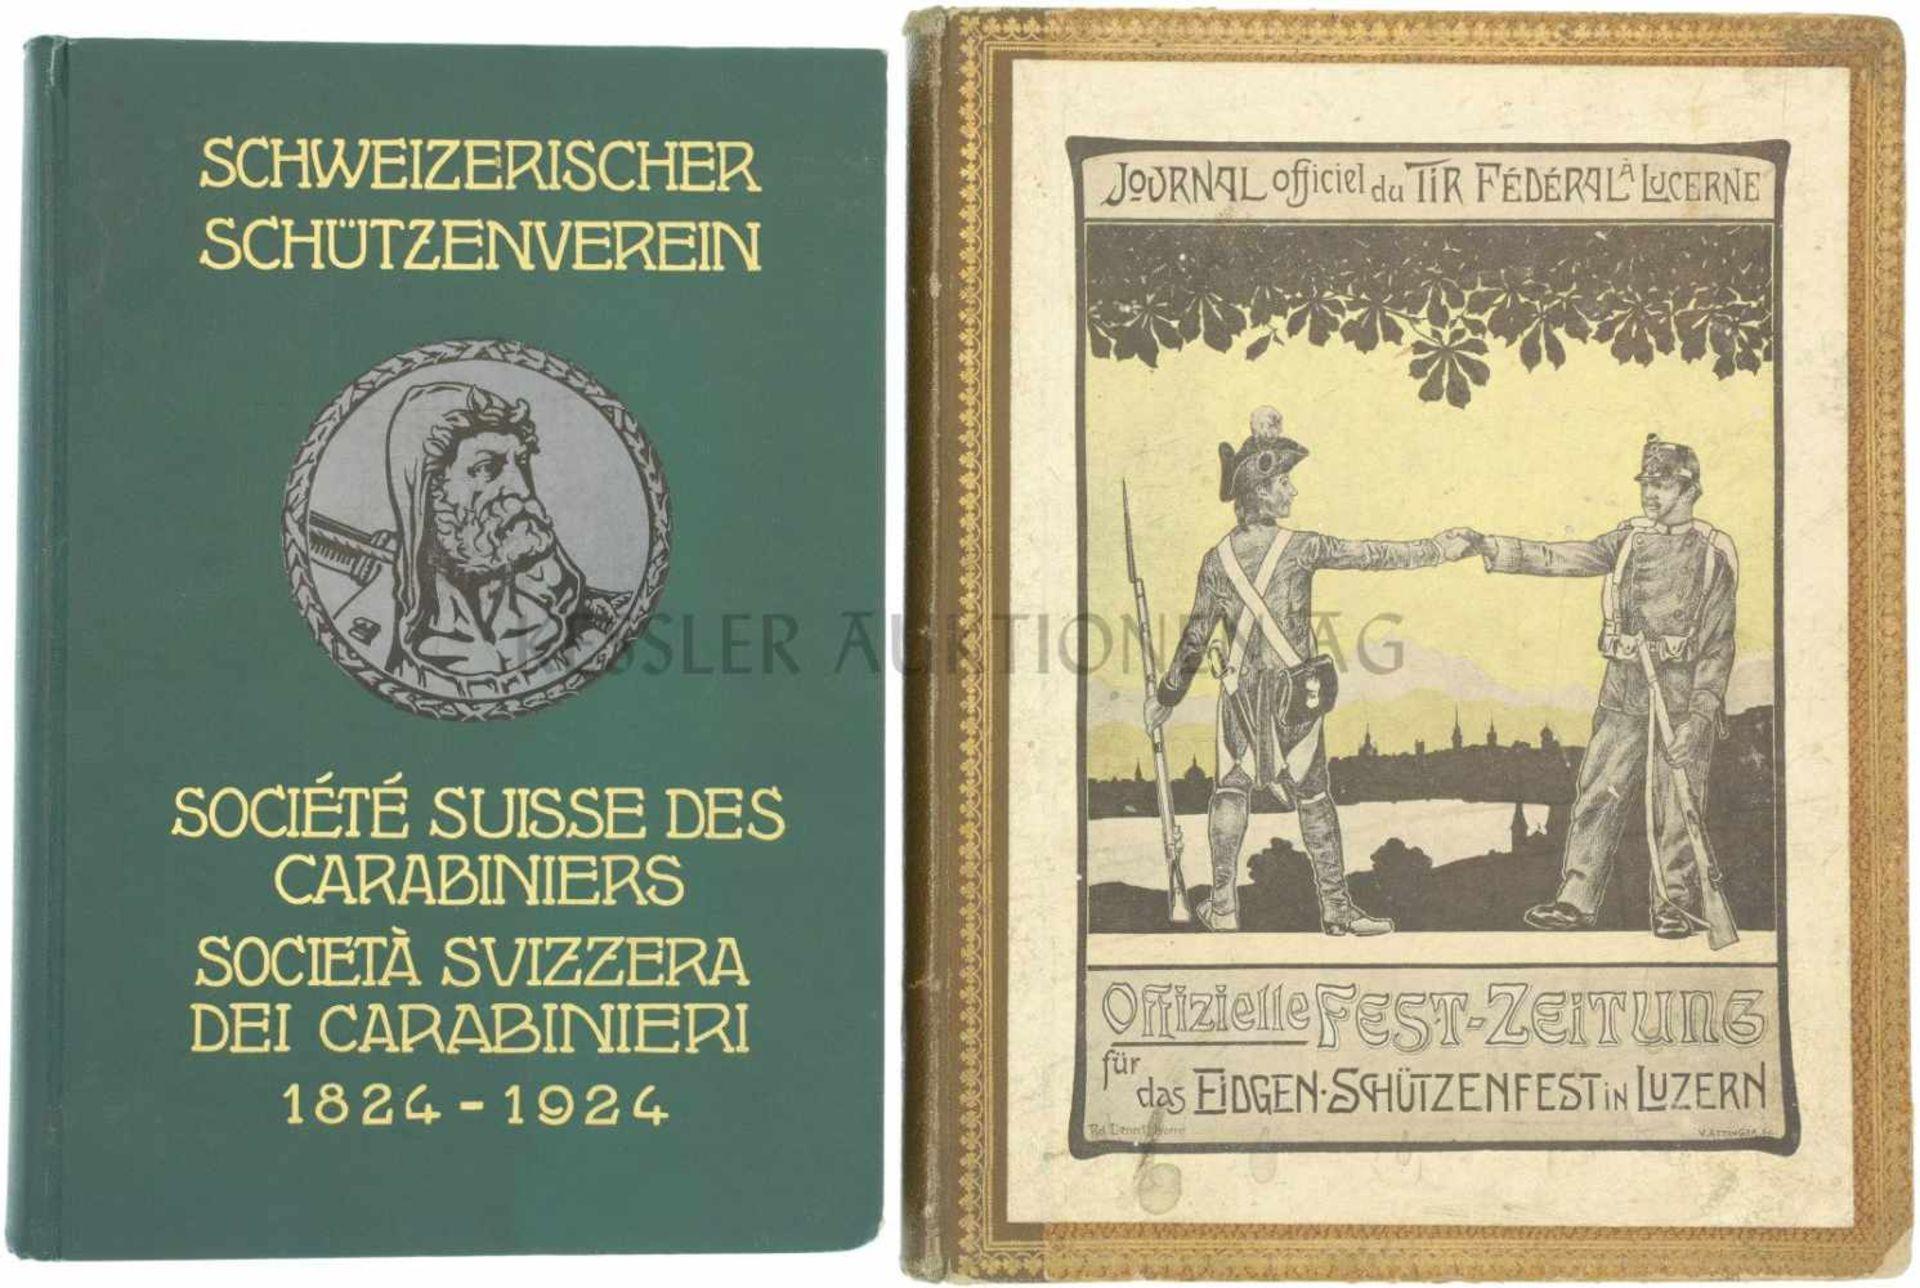 Los 40 - Konvolut von 2 Büchern 1. Schweizerischer Schützenverein 1824-1924, 2. Offizielle Fest-Zeitung für